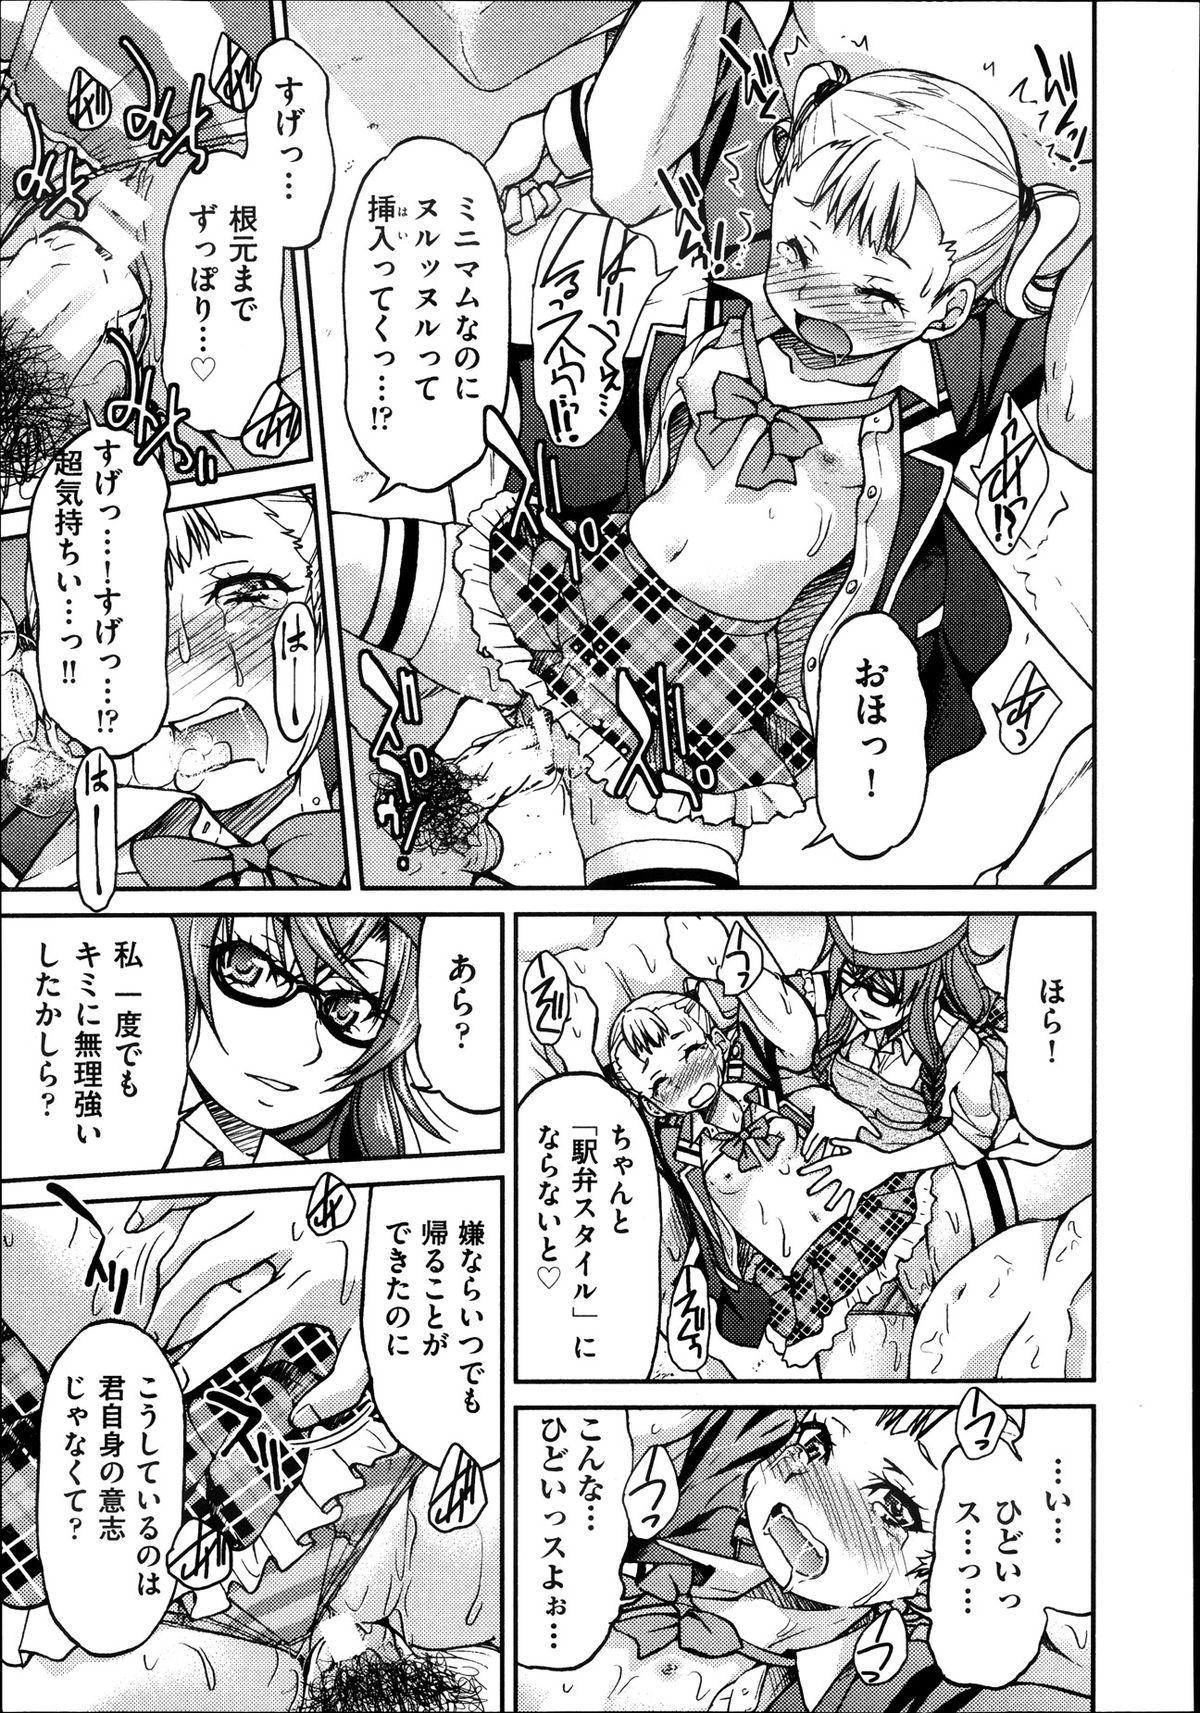 [Inoue Yoshihisa] Joshitetsu -Girls railway Geek- Ch.1-7 117